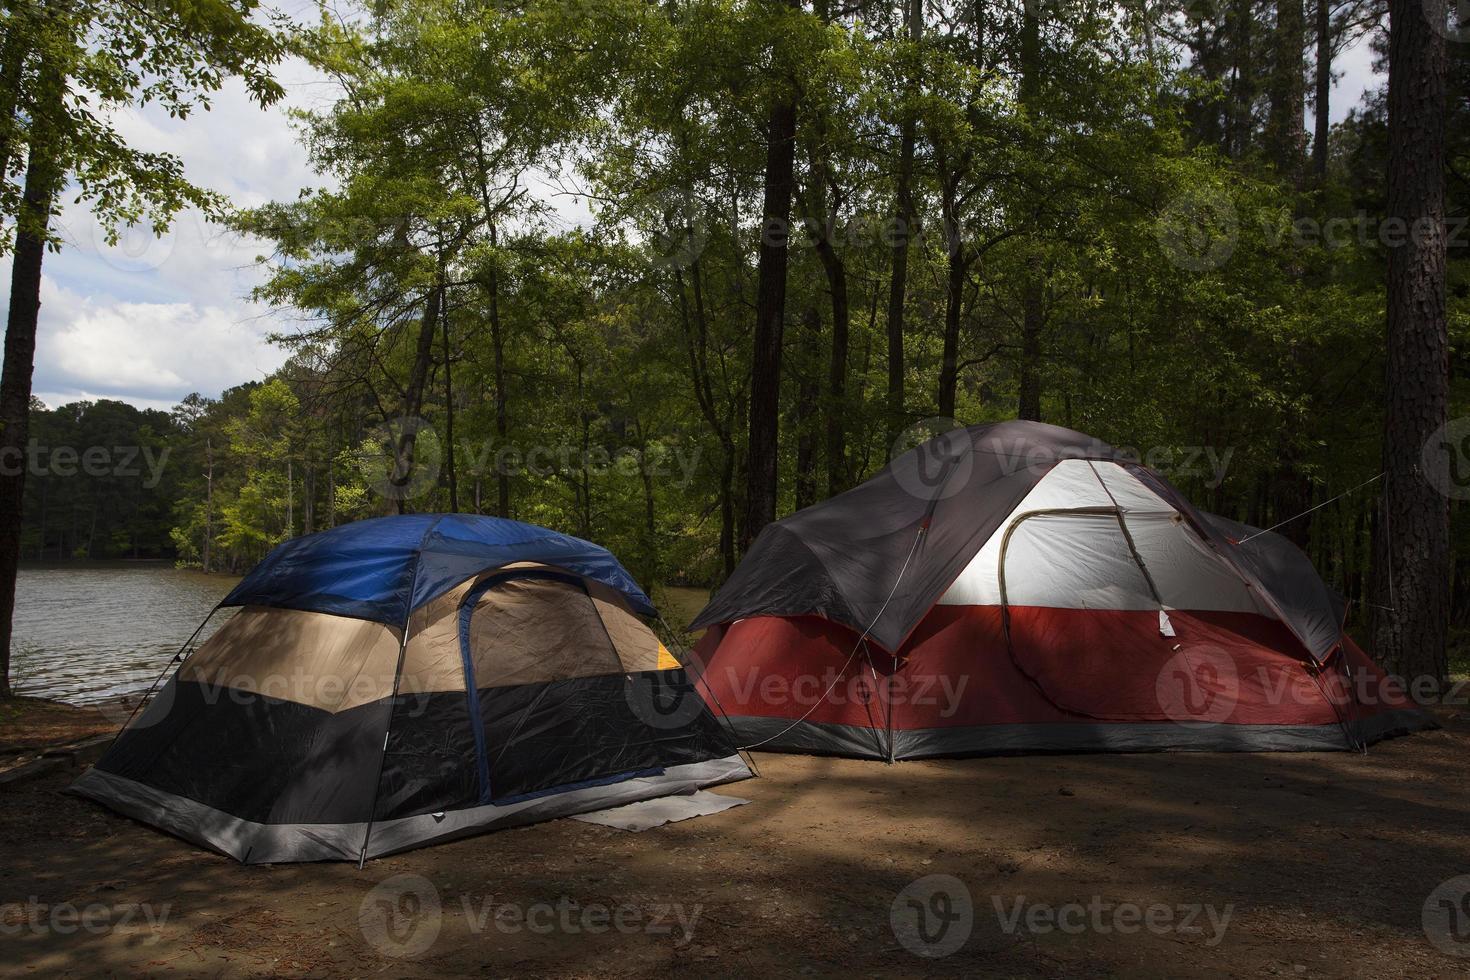 gita in campeggio foto